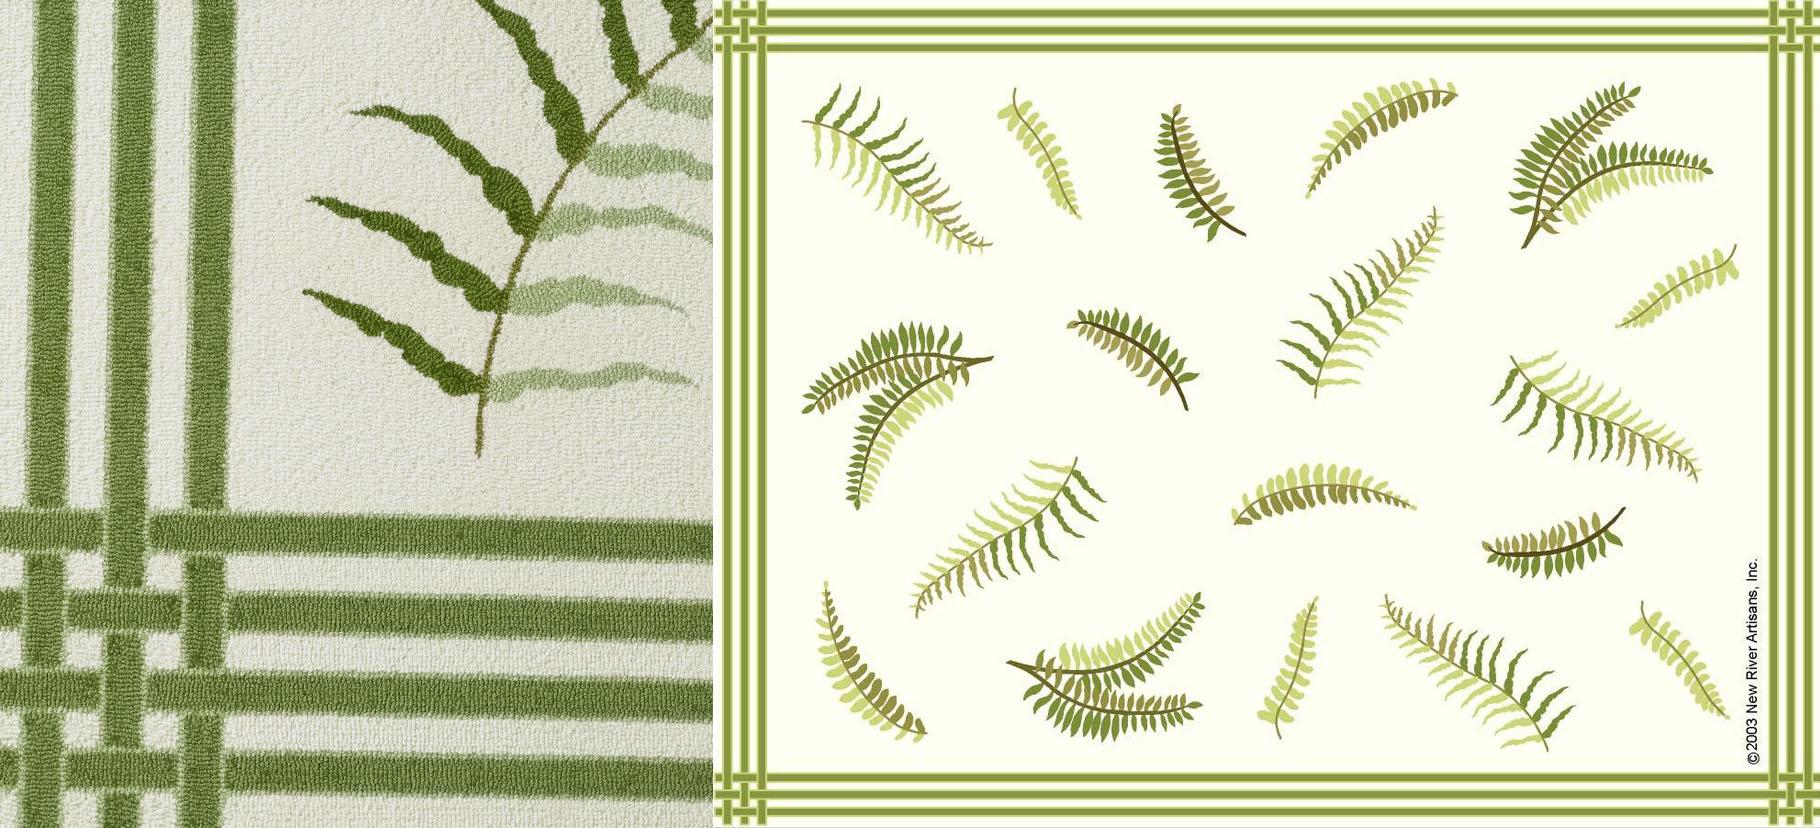 UNL DOWN Ferns #2.0